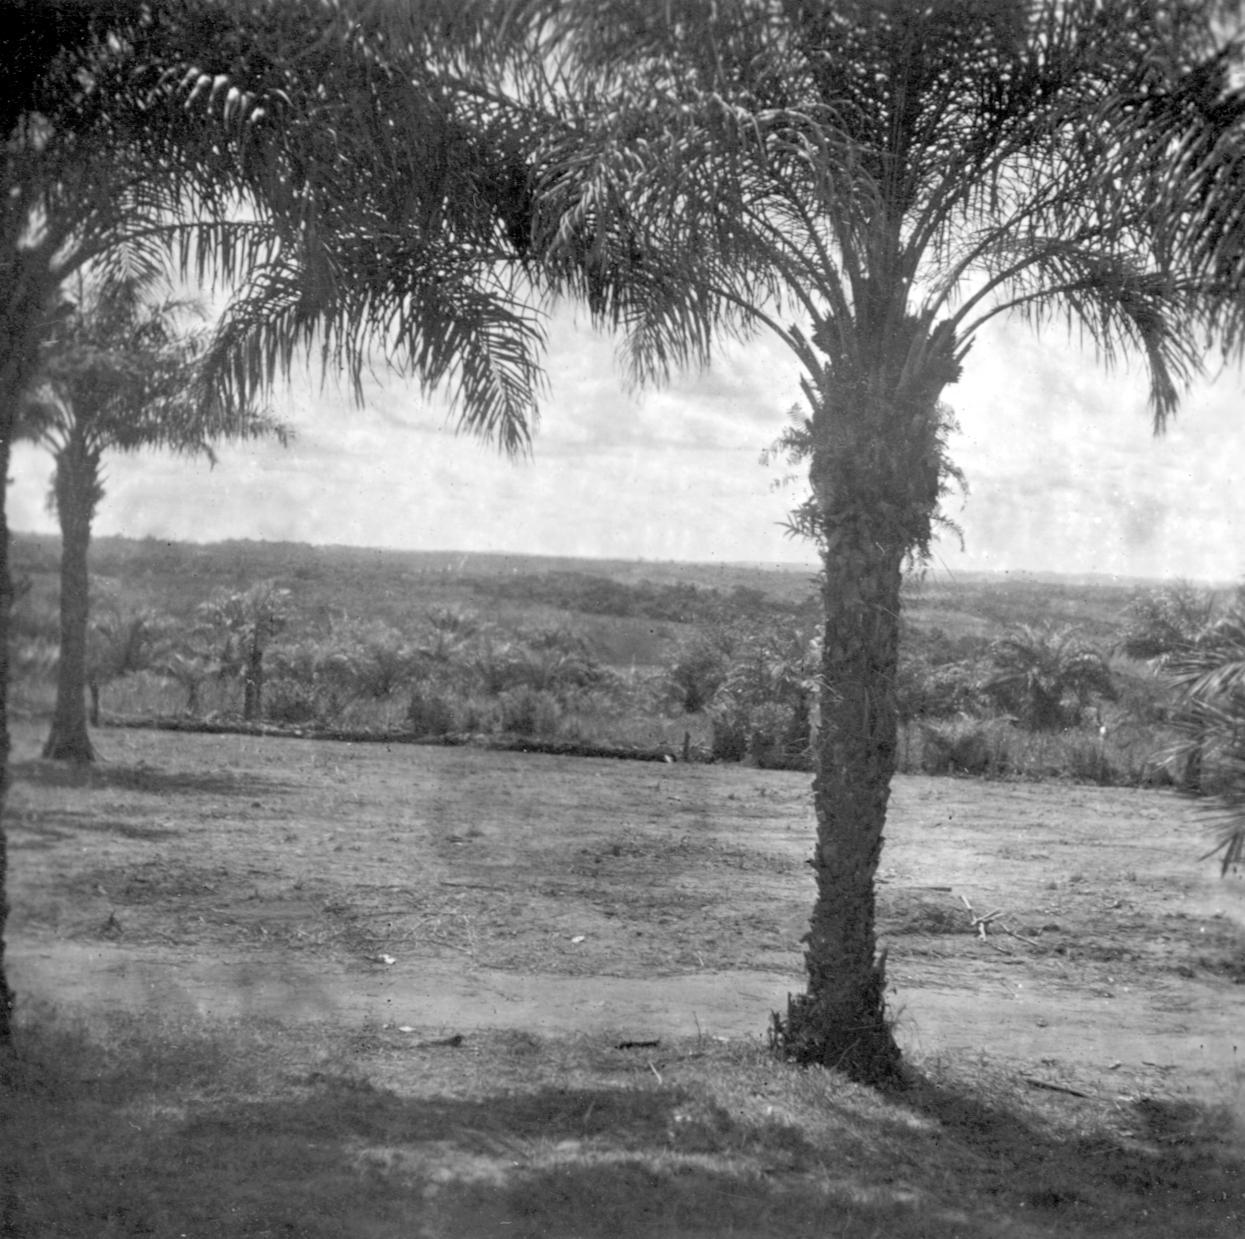 View From the Kuba-Bushong Capital of Nsheng